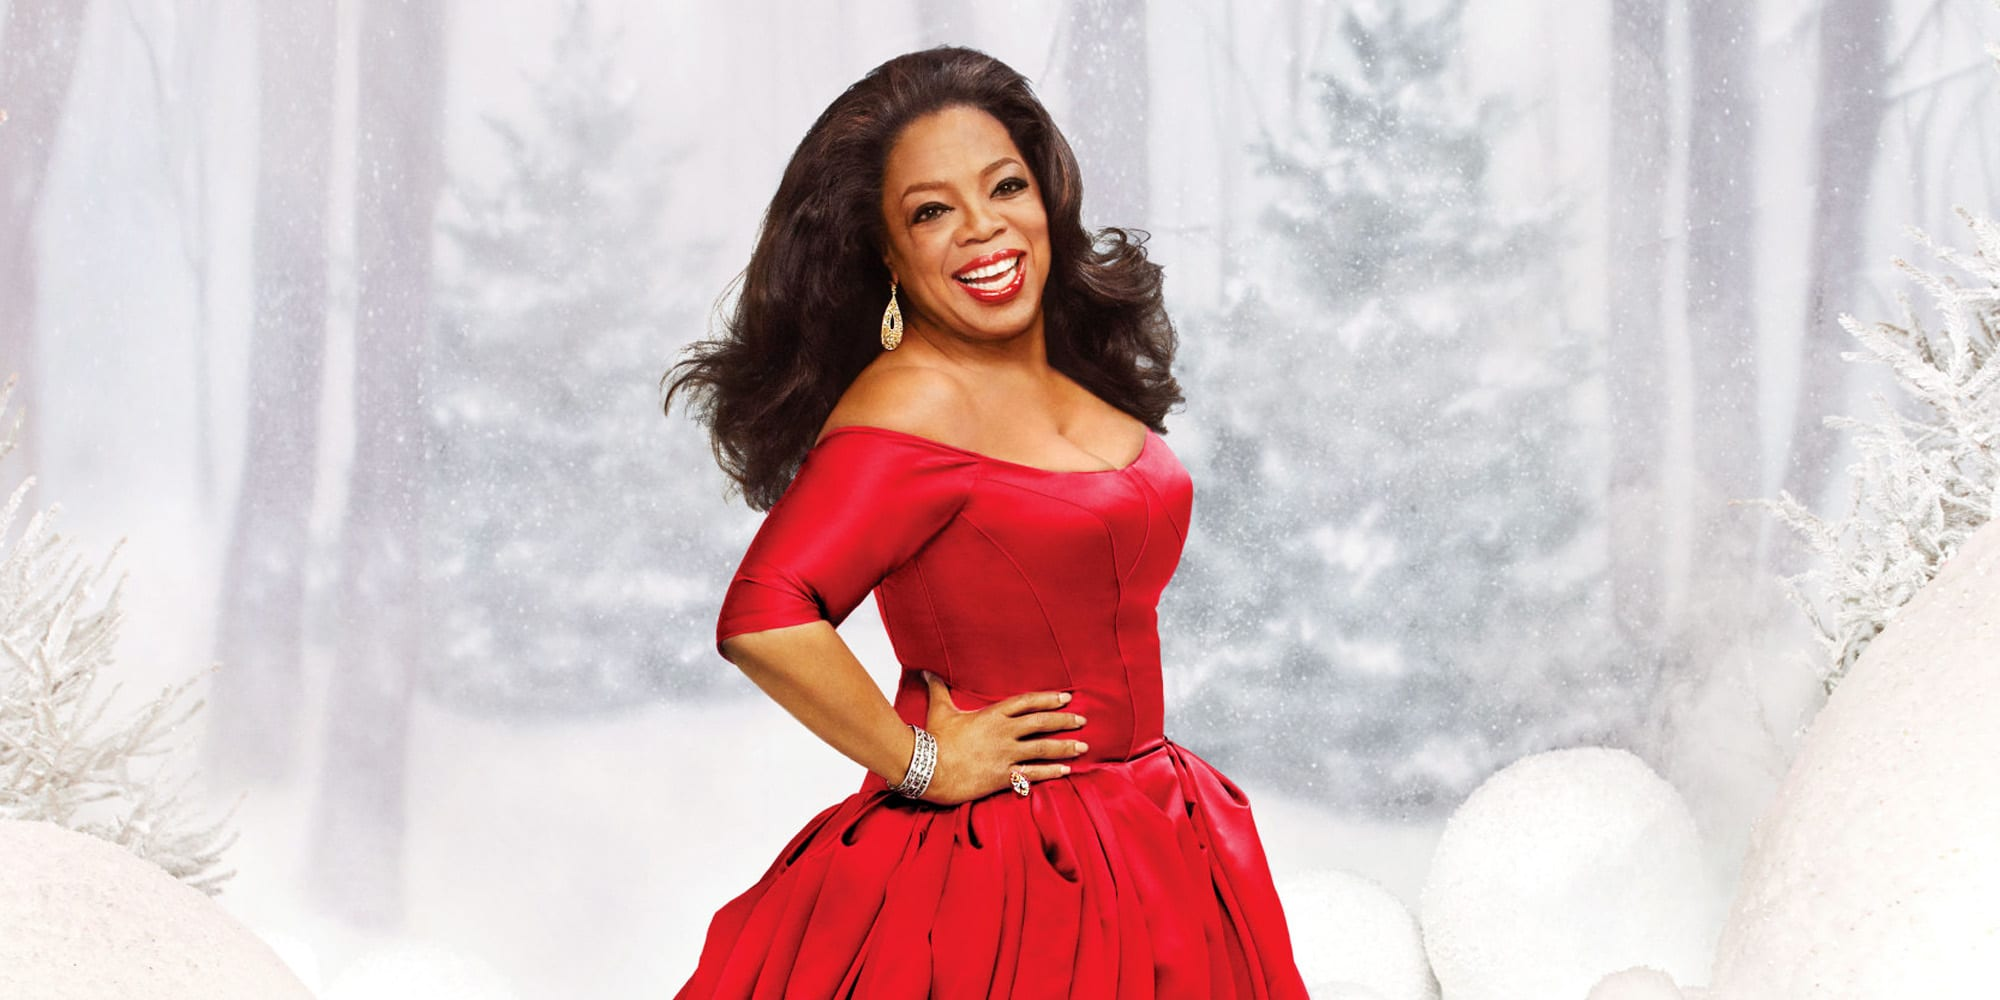 10 Citations d'Oprah Winfrey pour Remplir ton Année de Gratitude